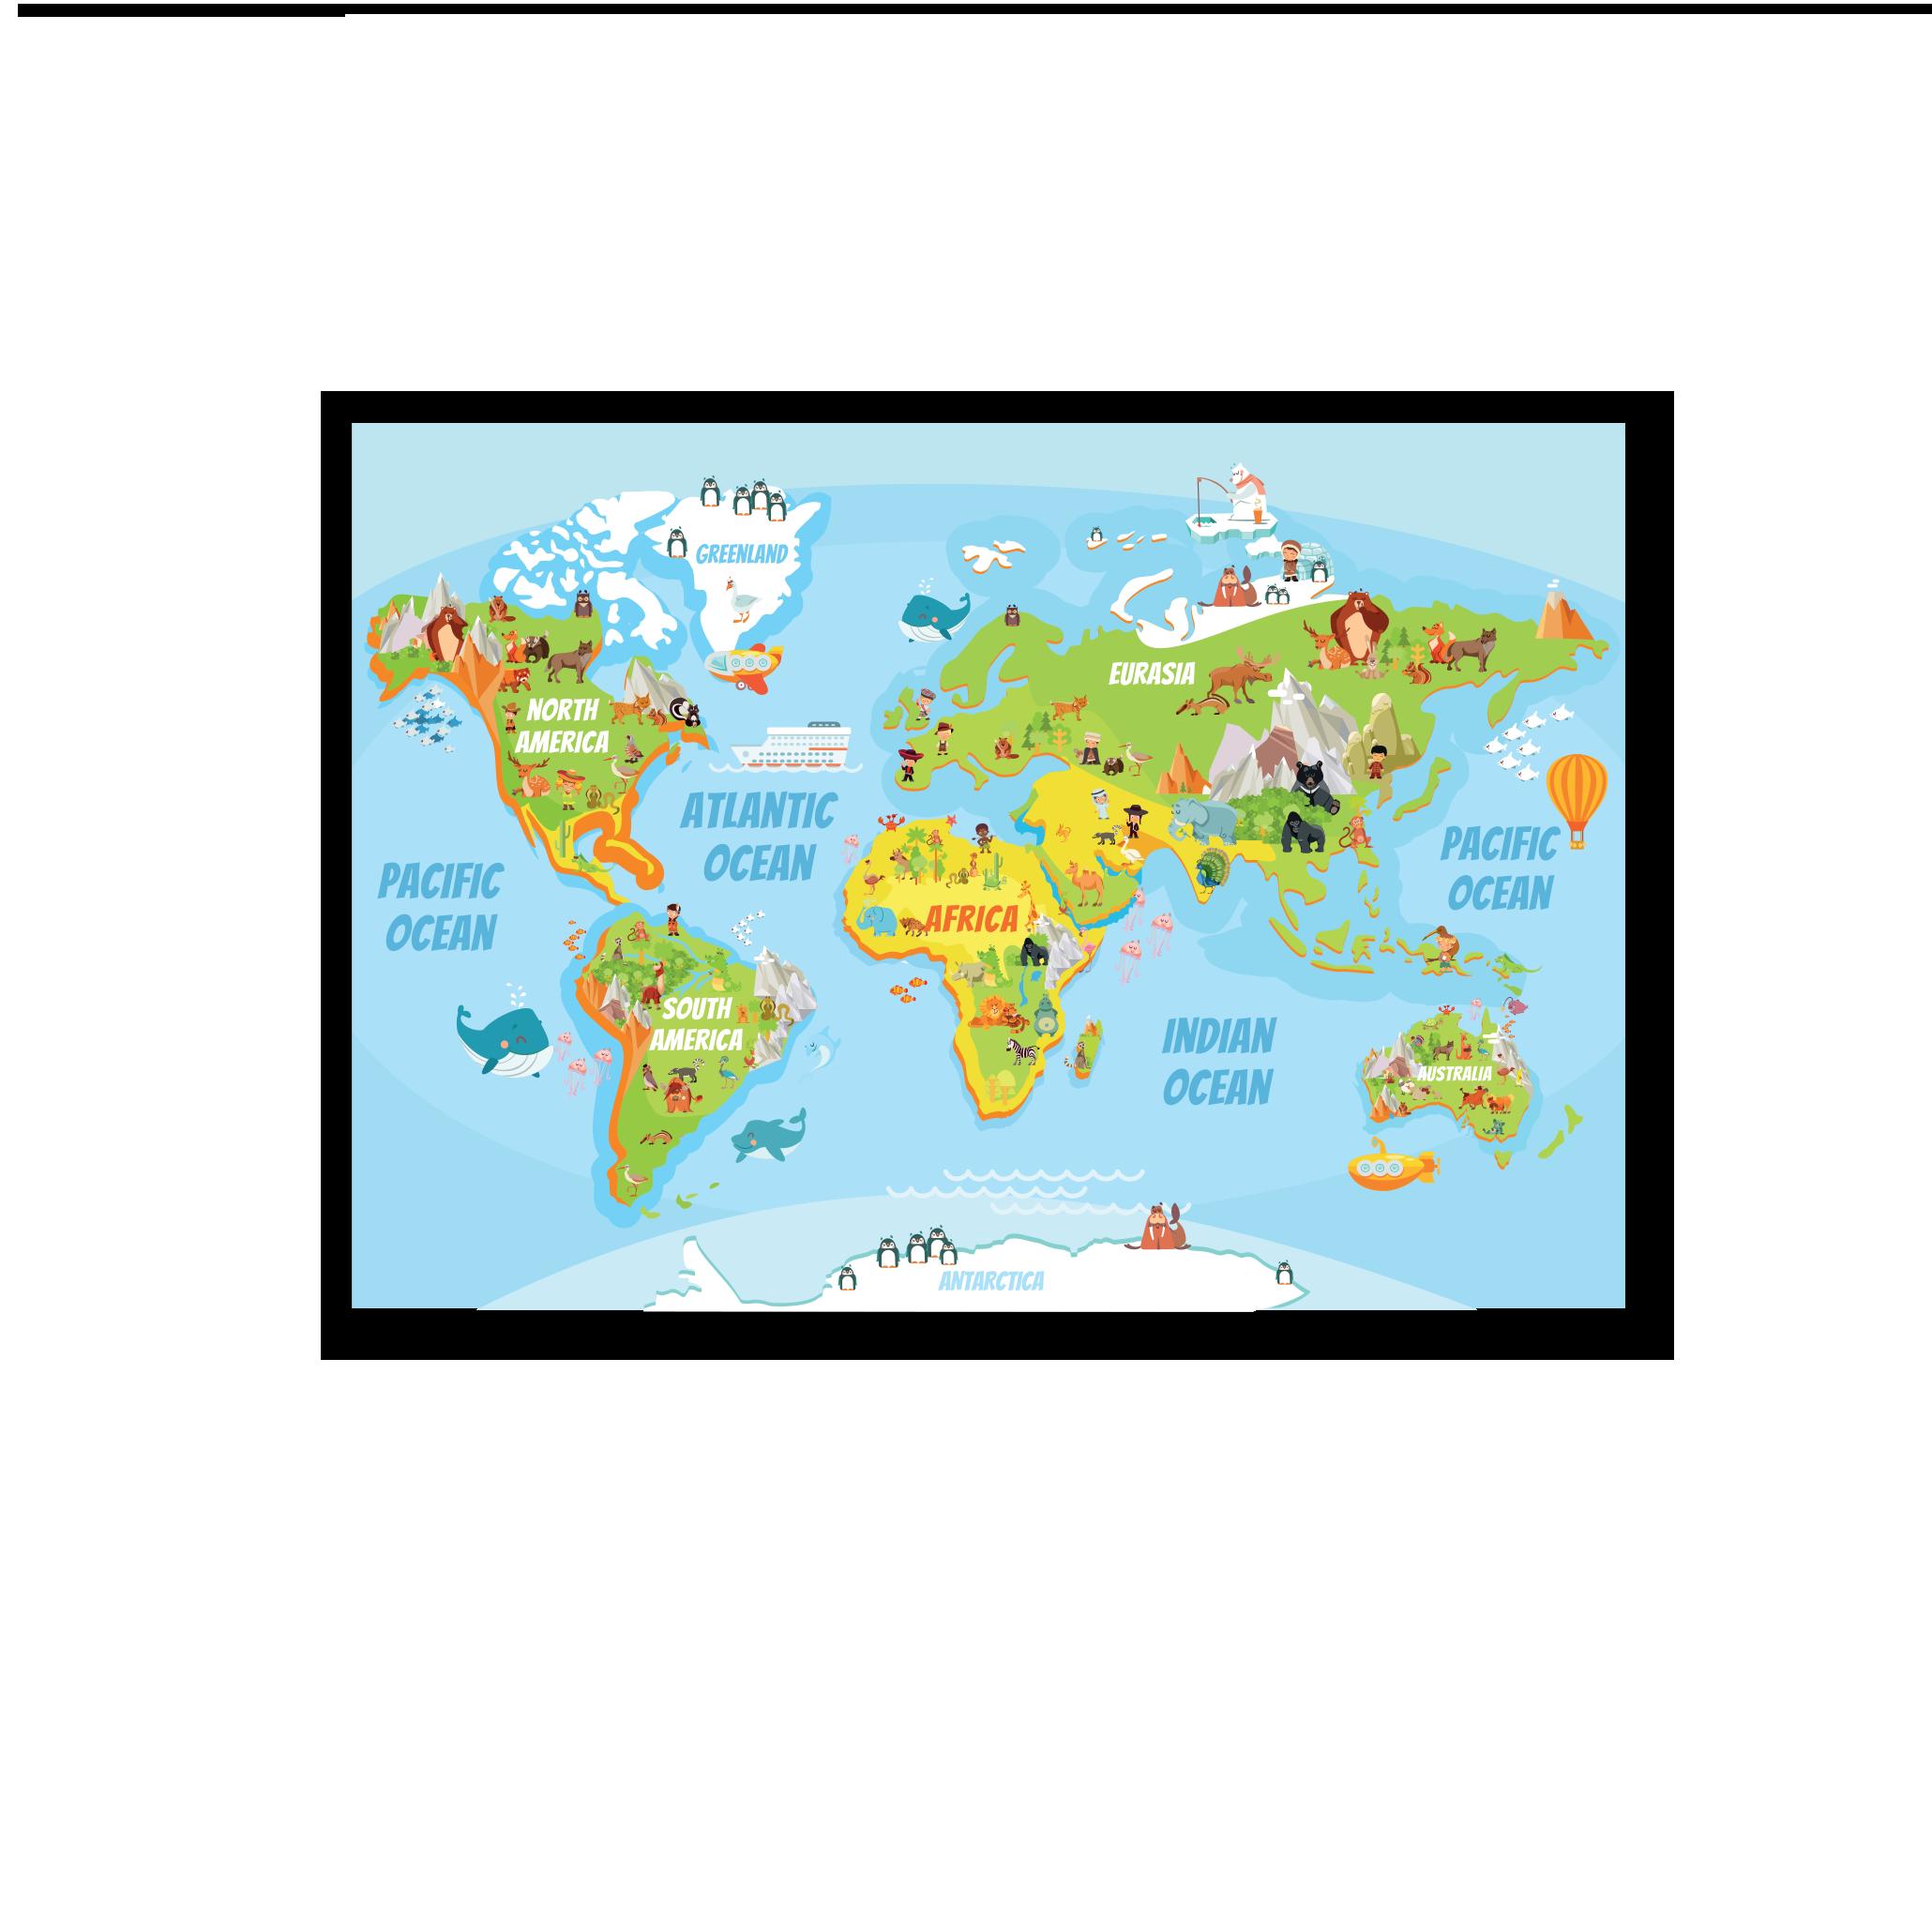 Tranh trang trí phòng trẻ em World map 01